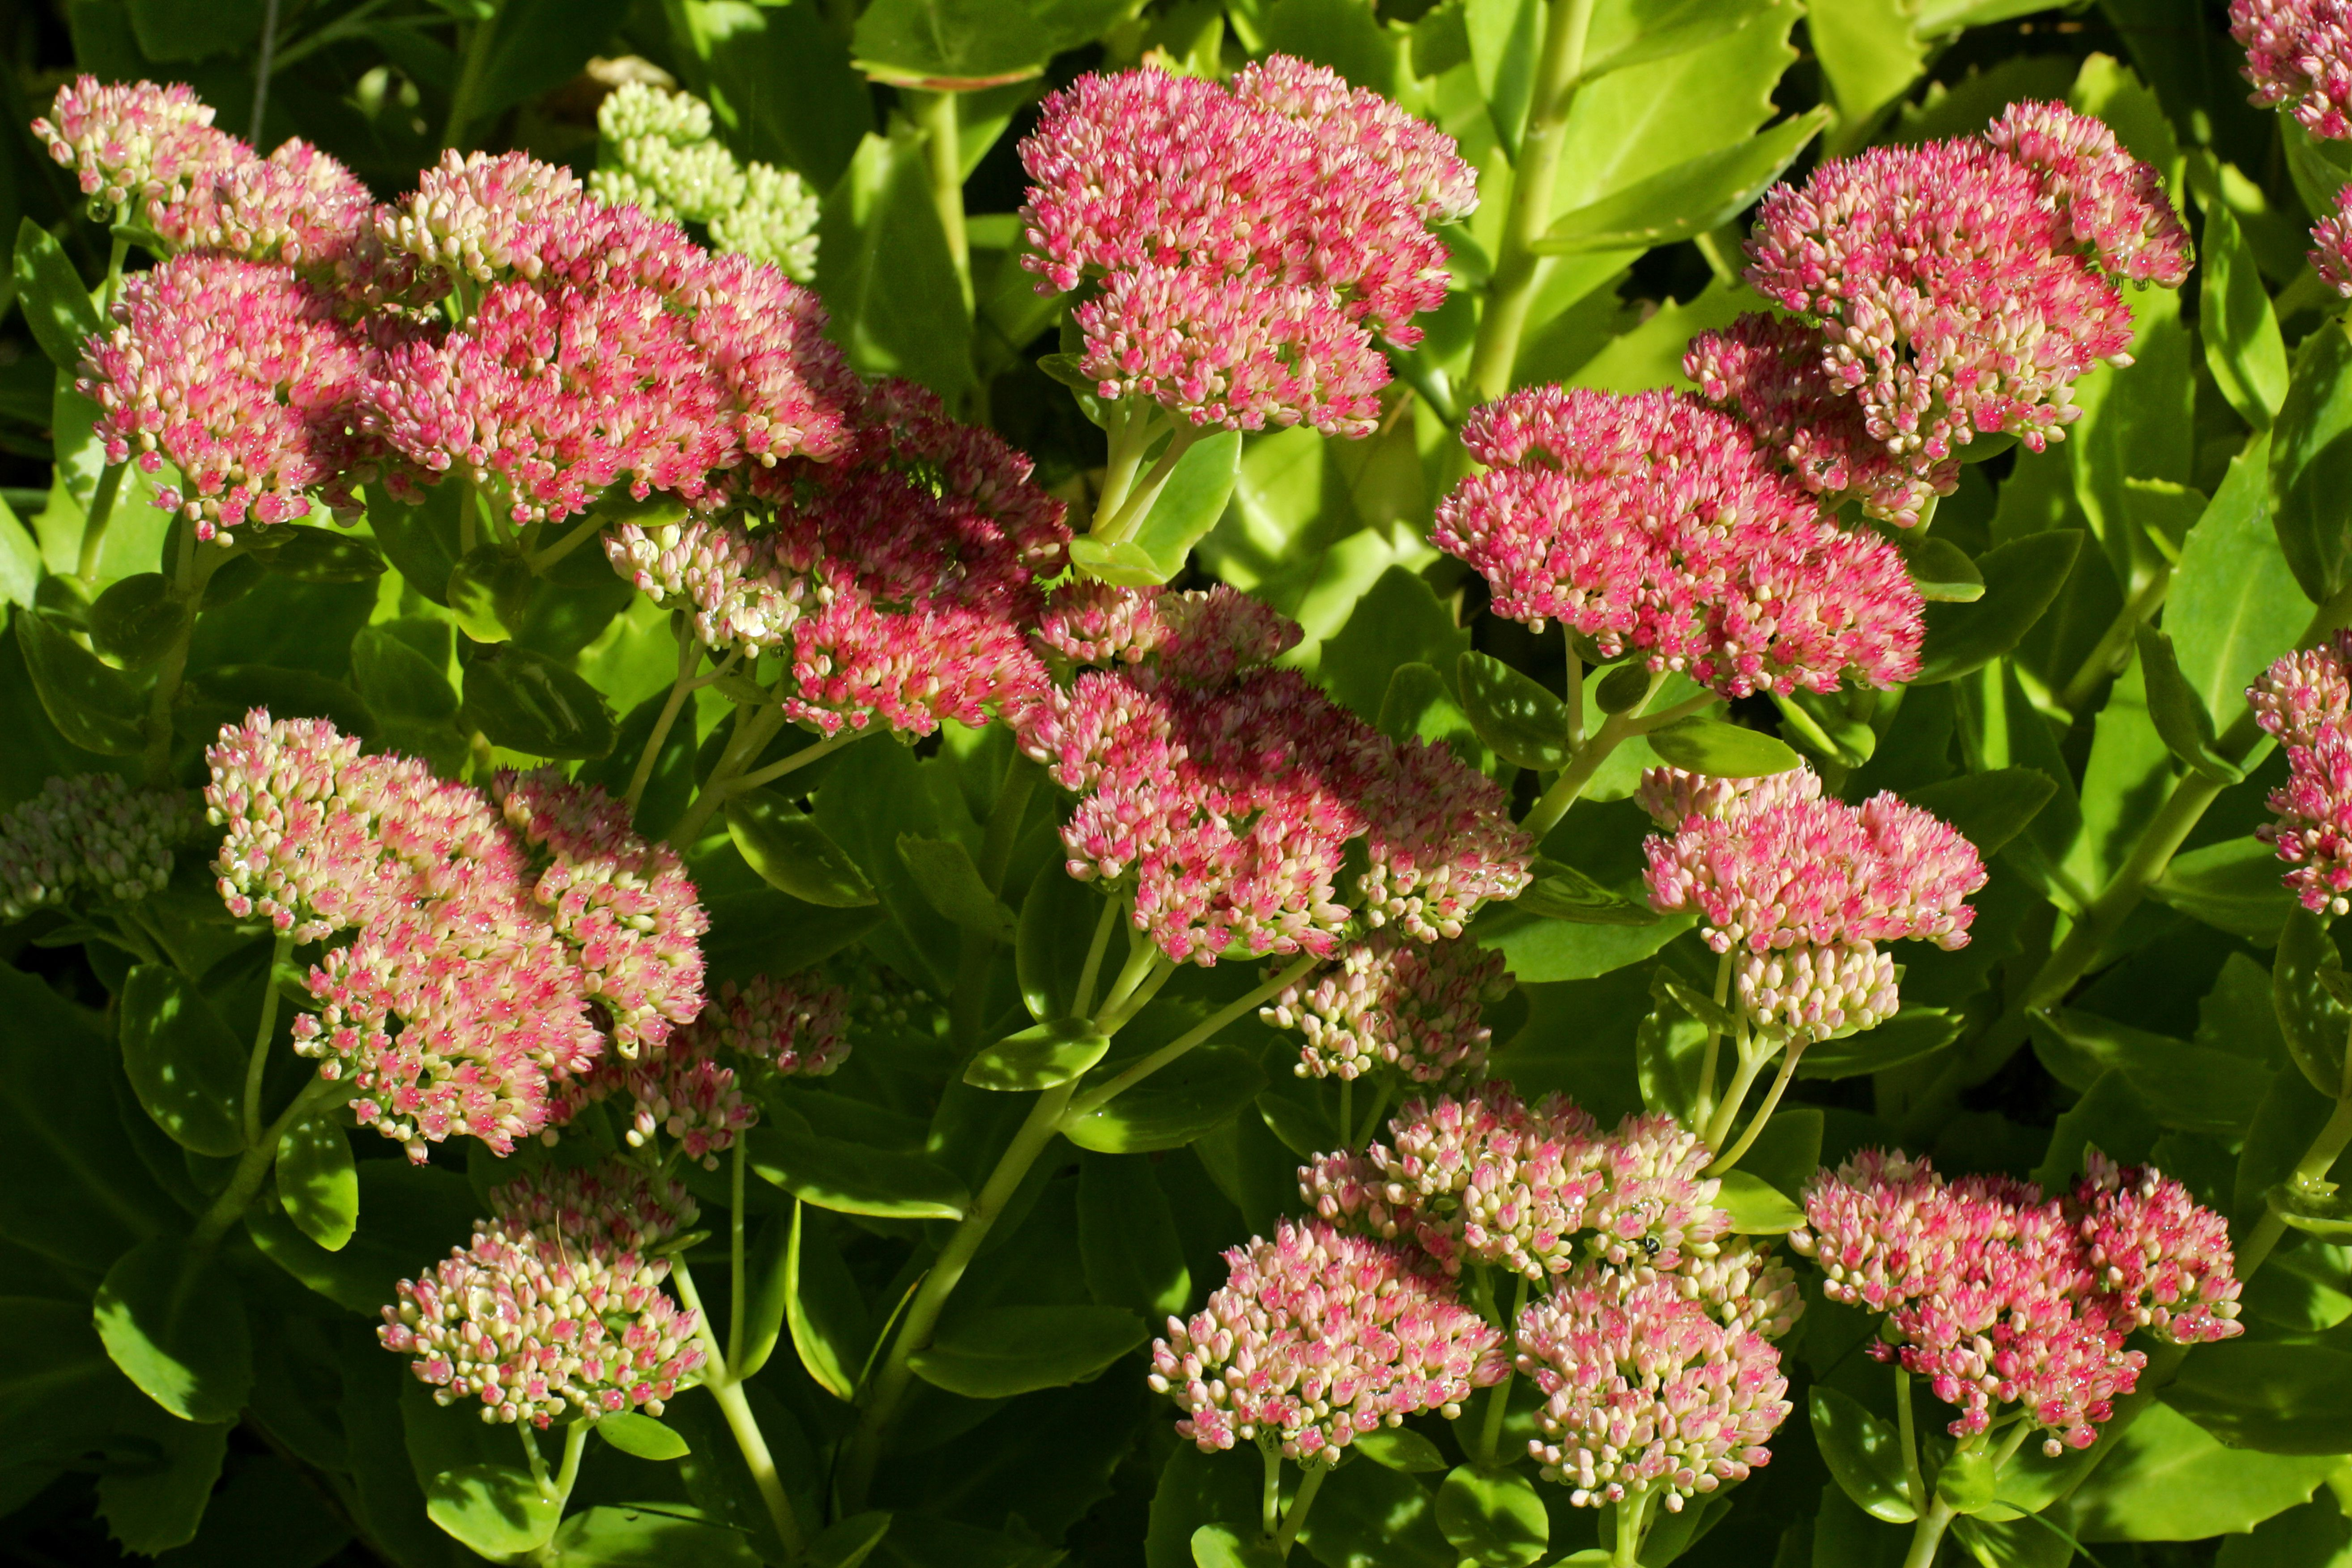 Flowering stonecrop - sedum live-forever - orpine - livelong (Sedum telephium cultivar Autumn Joy)